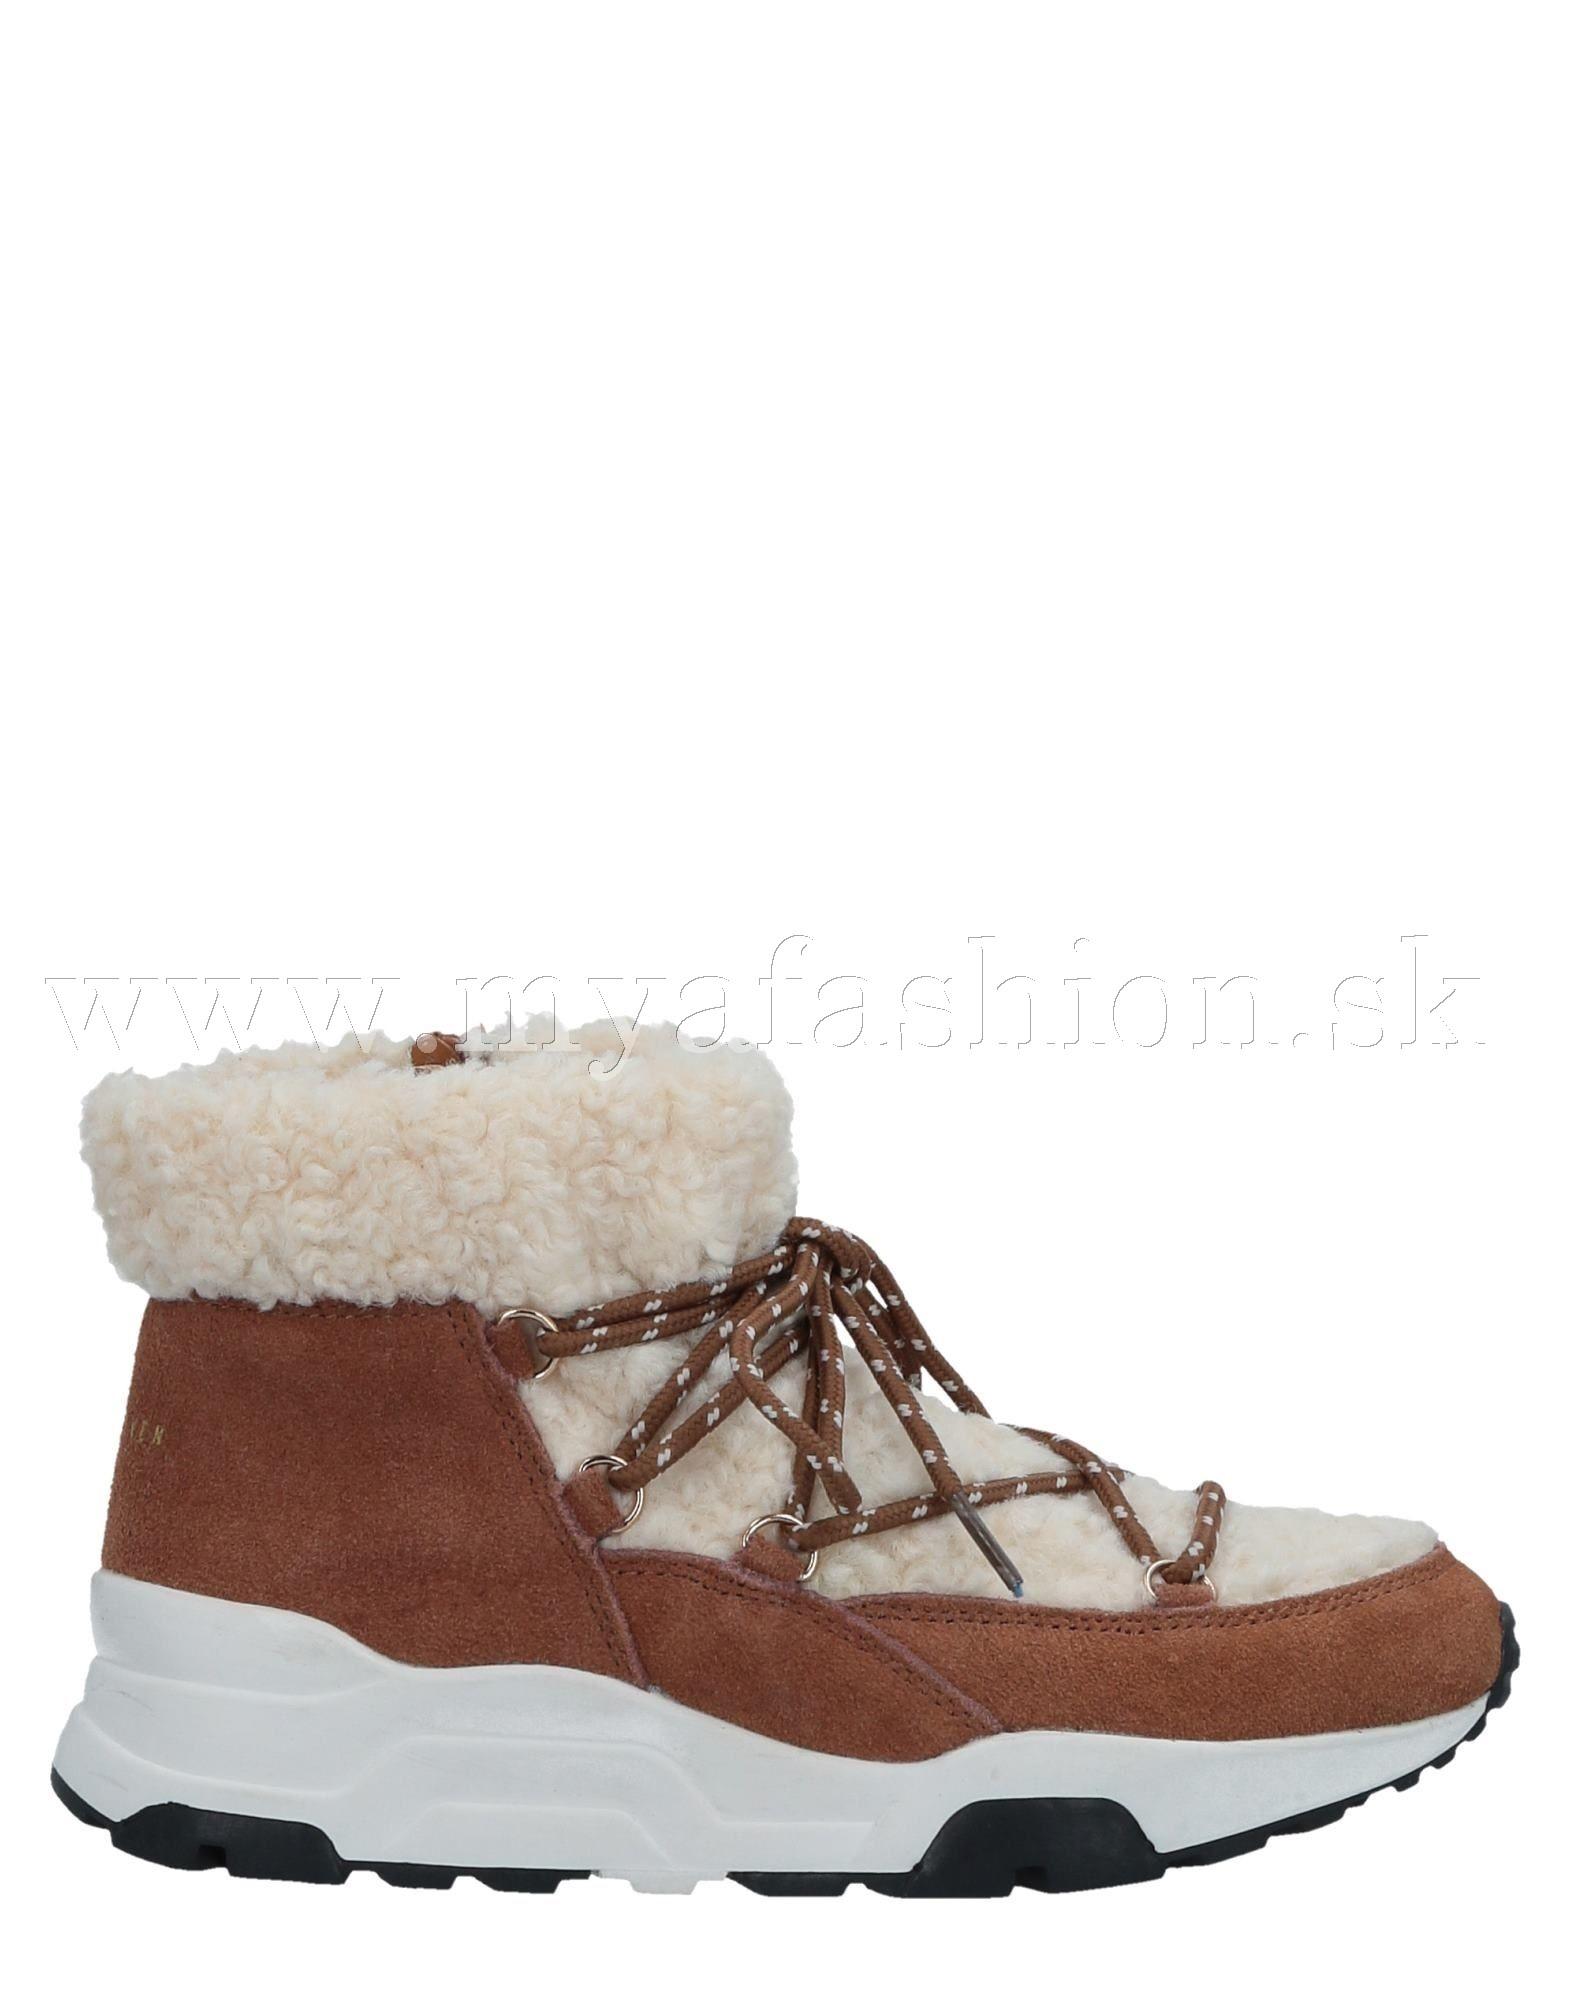 74130ddfaa60 Dámske čižmy - dámske zateplené zimné topánky